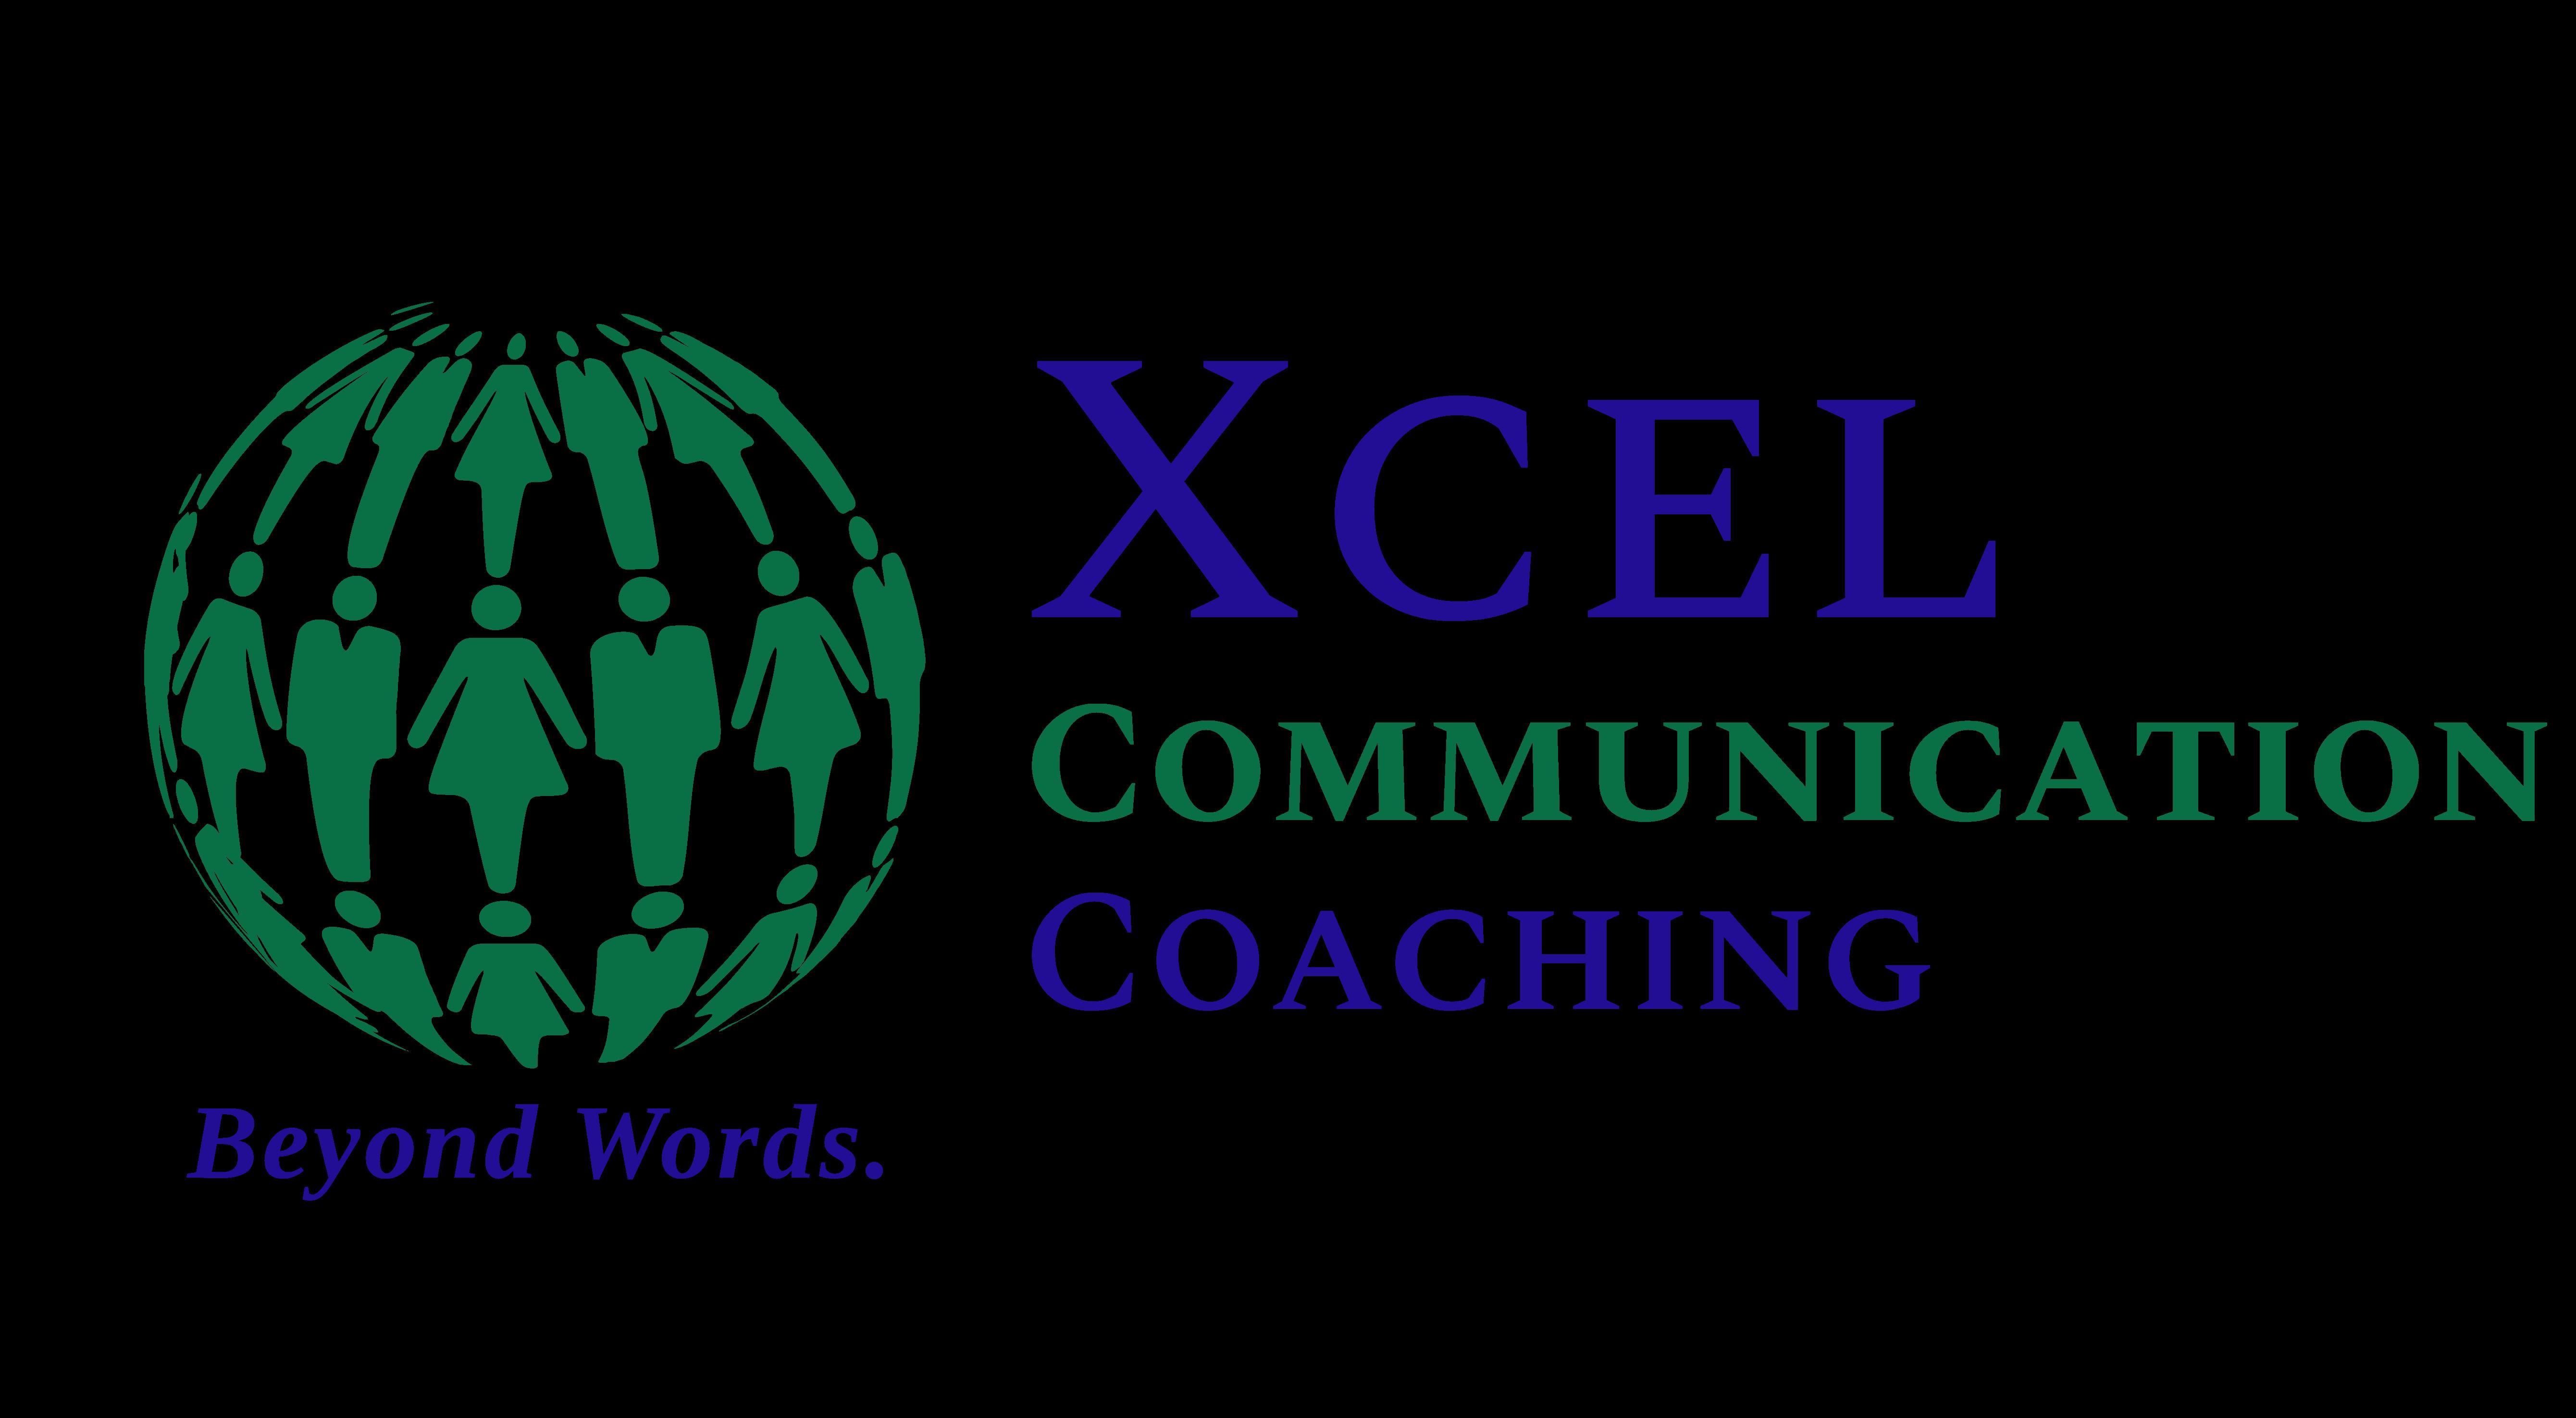 XCEL Communication Coaching